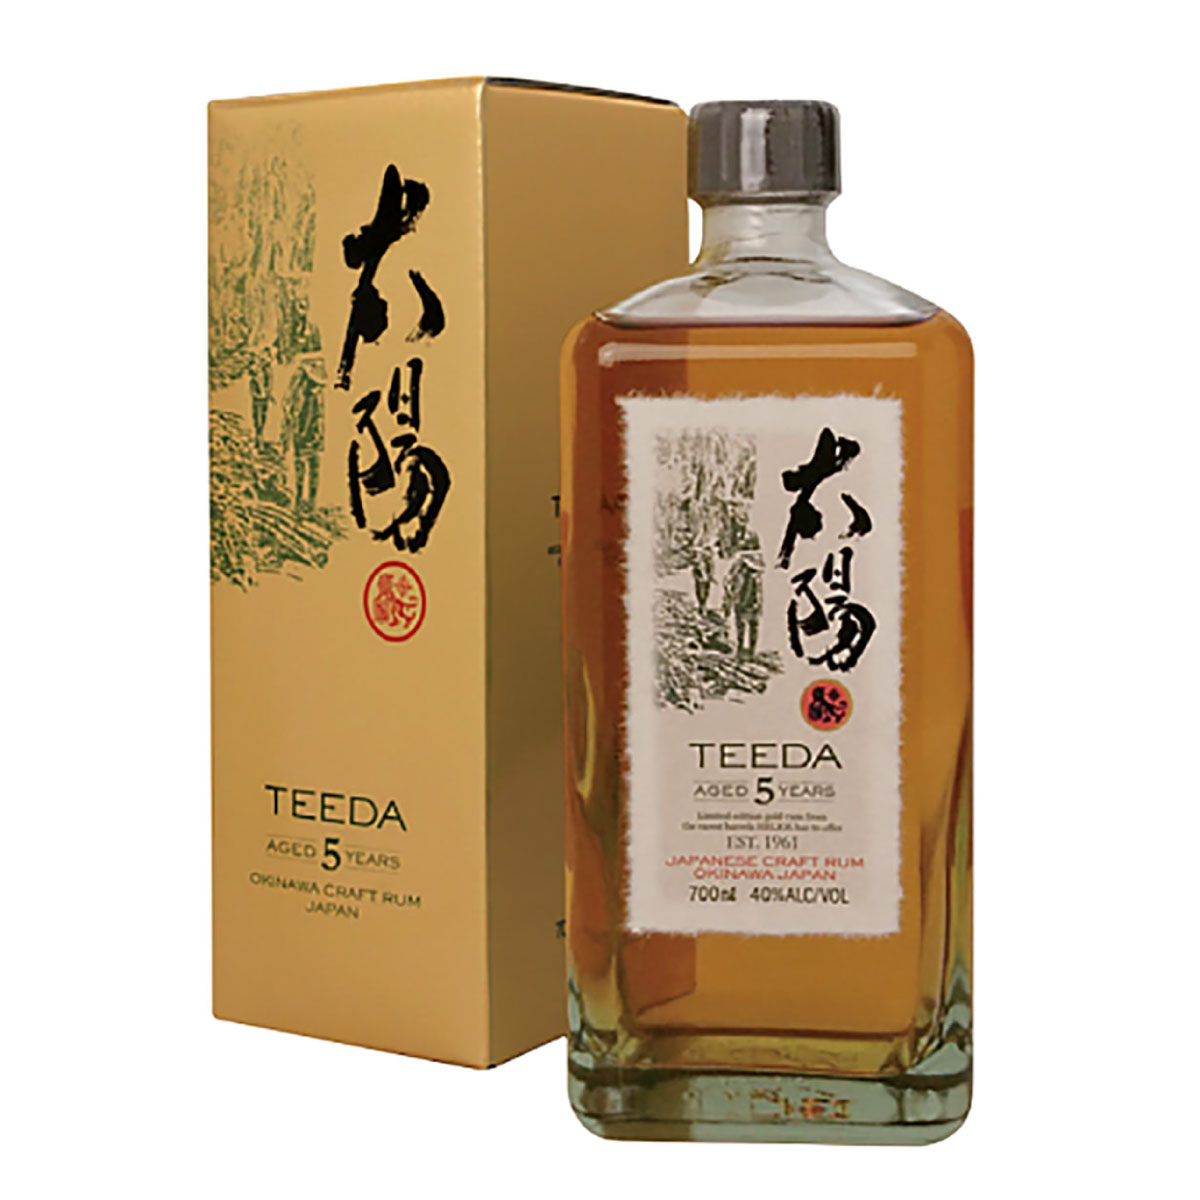 ゴールドラム TEEDA(ティーダ) 5年 40度 700ml